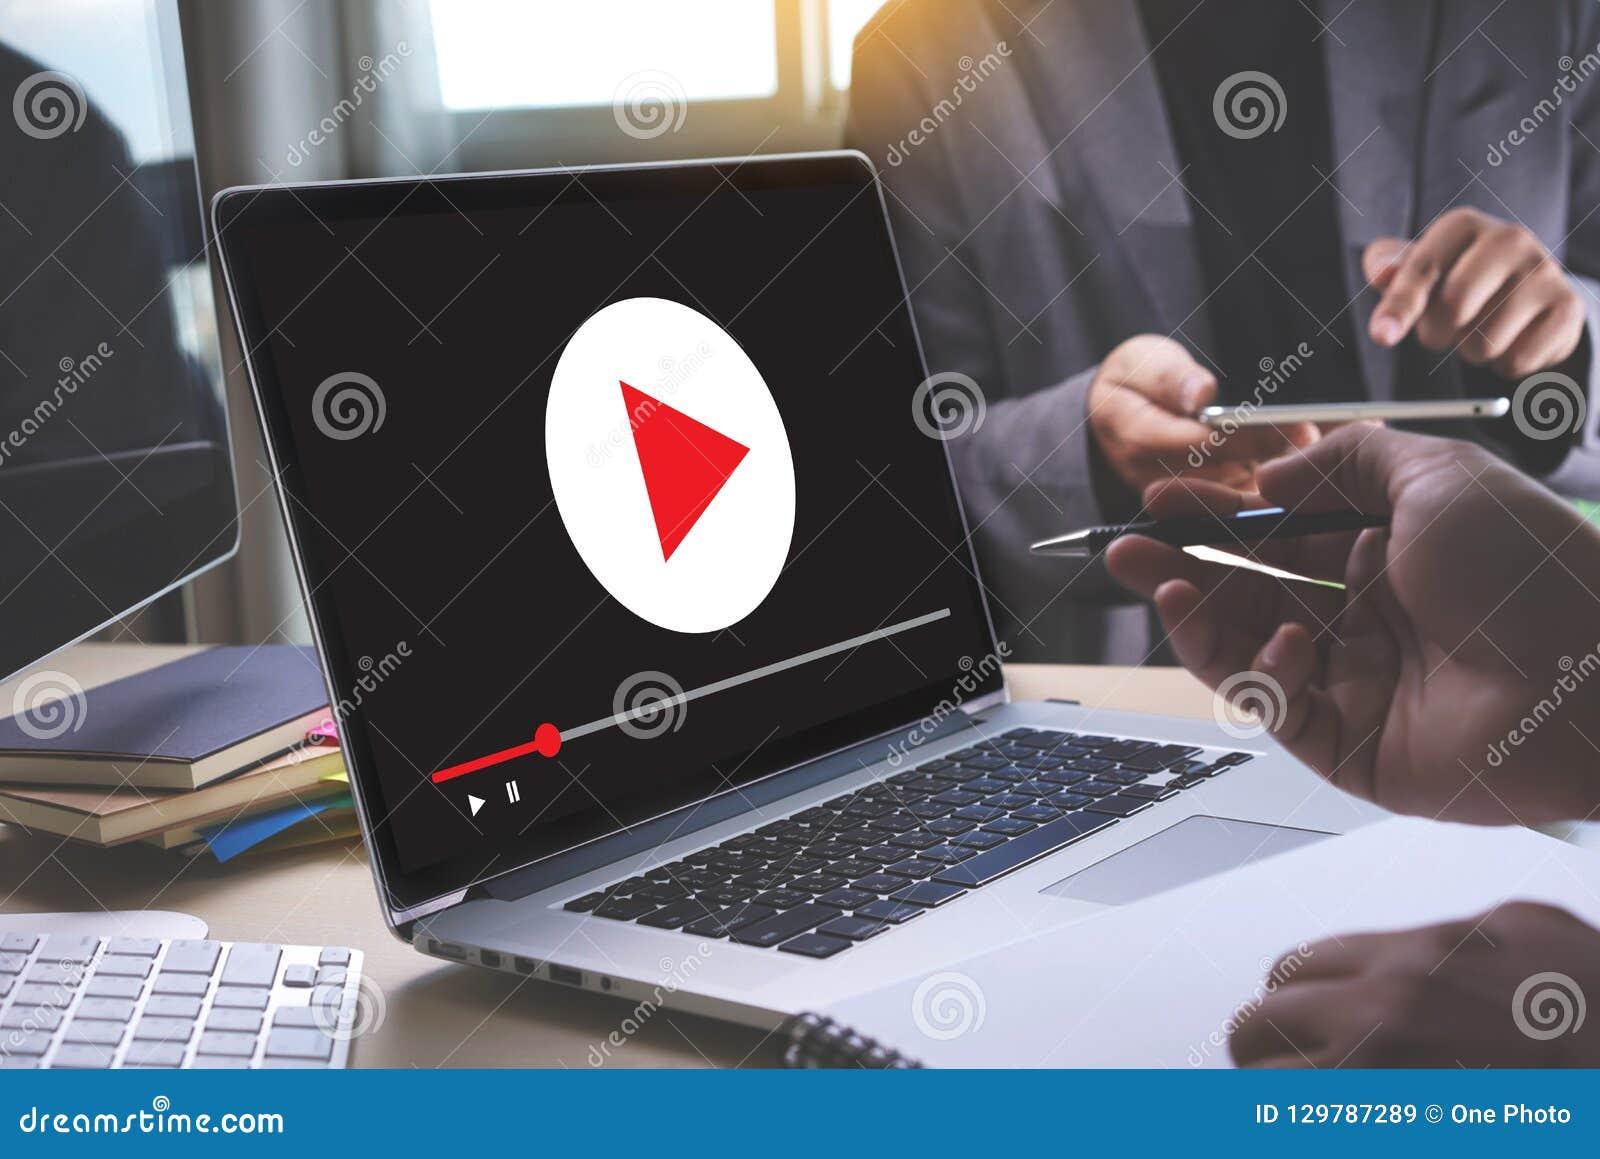 VIDEO die Audiovideo, markt Interactieve kanalen, Bu OP DE MARKT BRENGEN